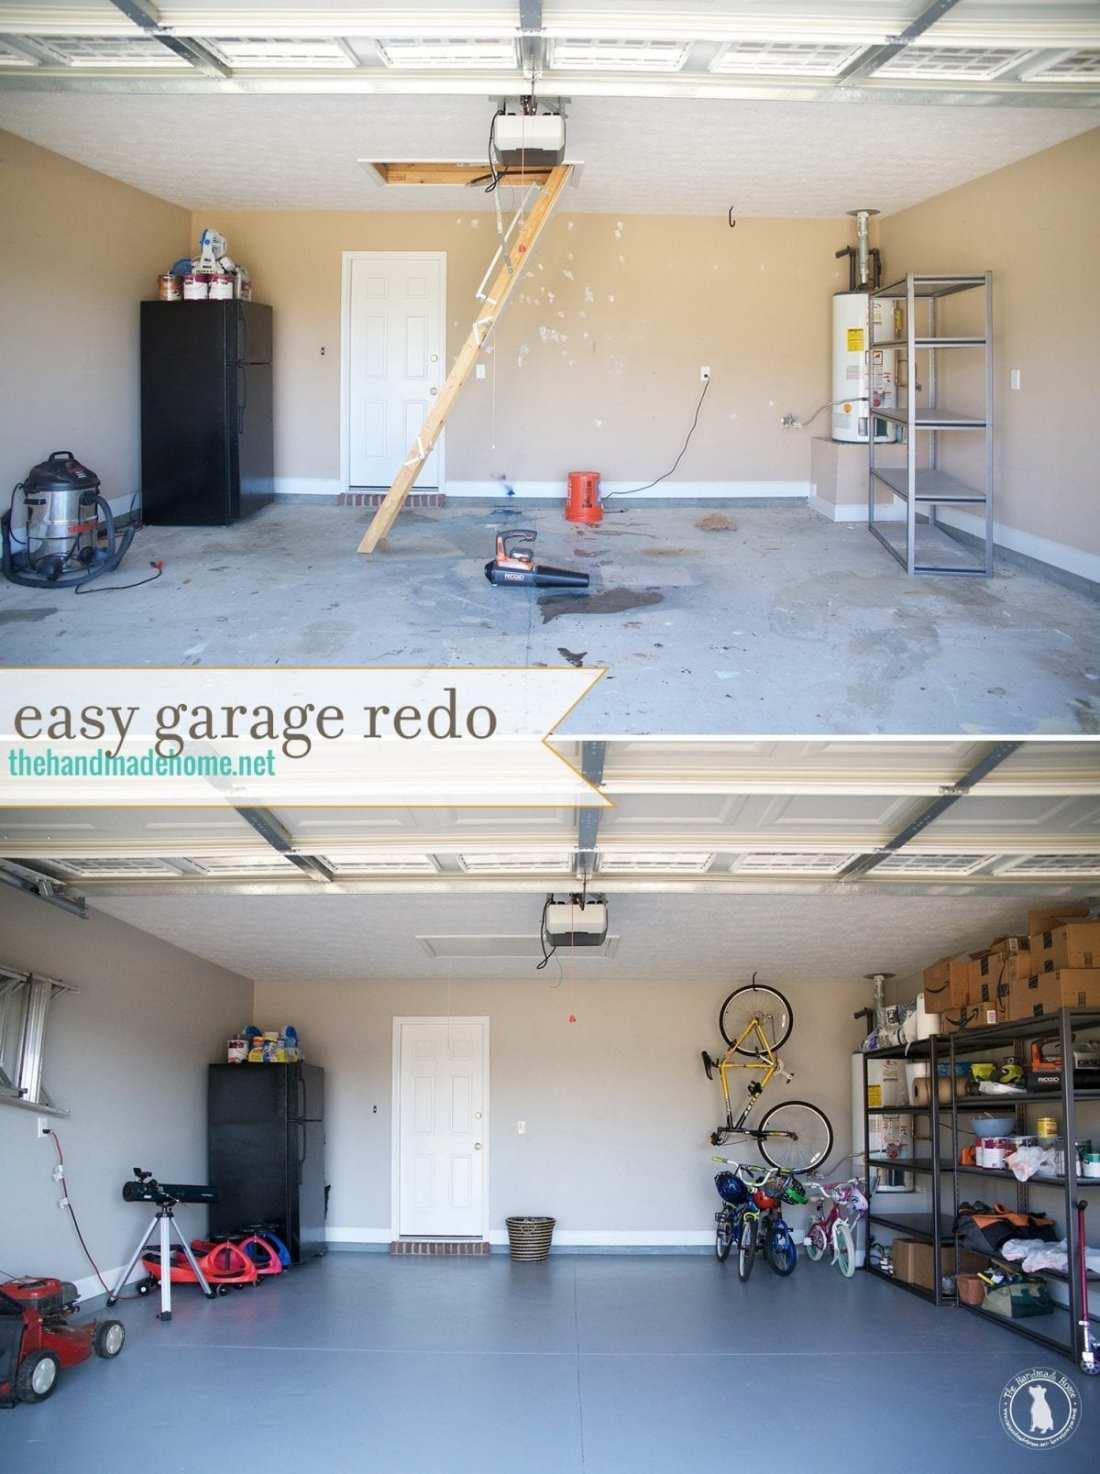 easy_garage_redo